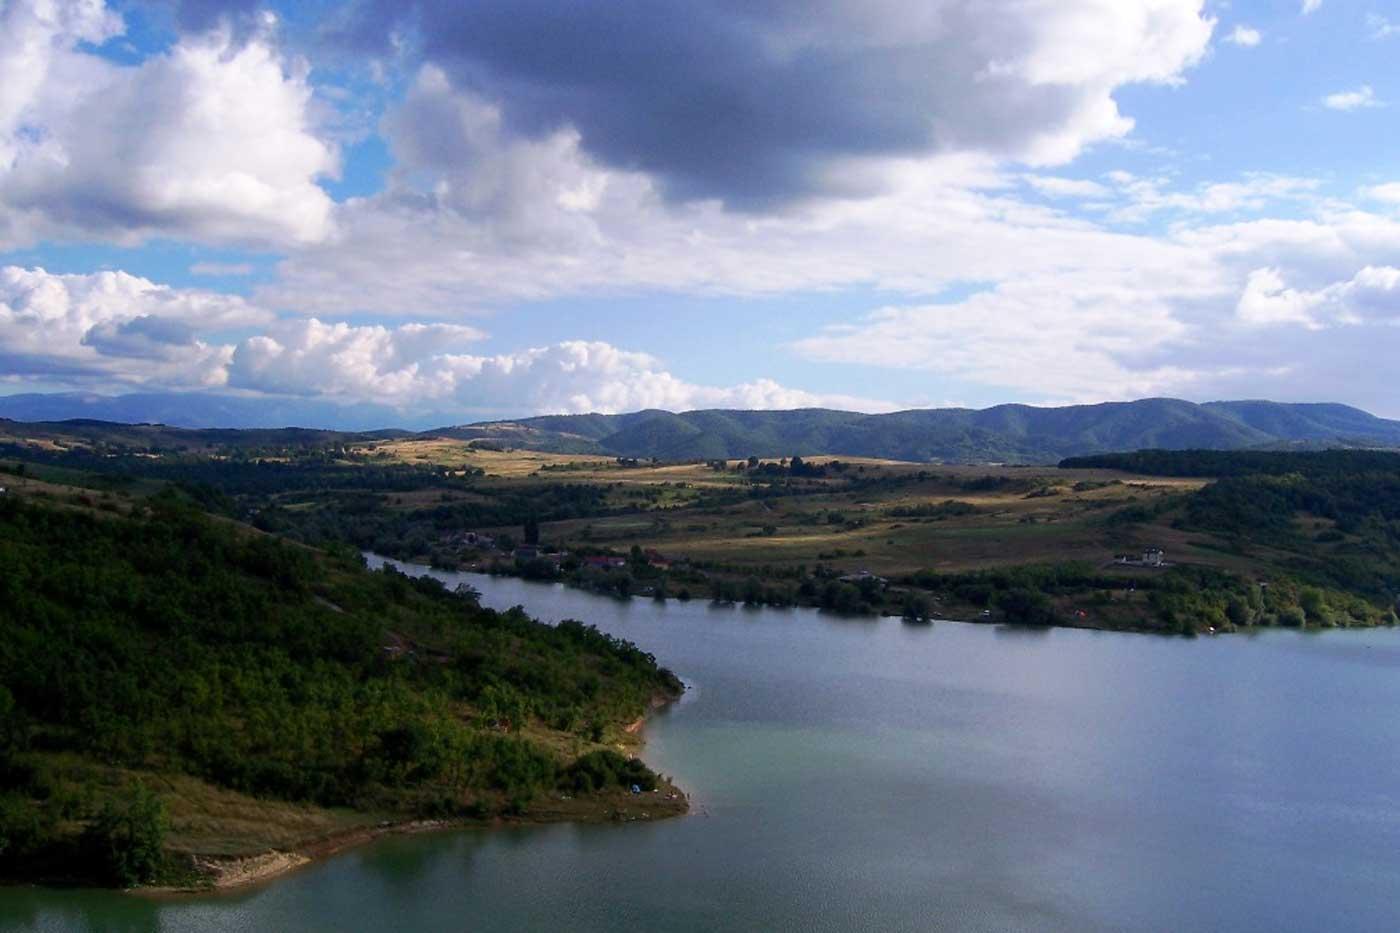 Lacul-Cincis-Hunedoara-Romania